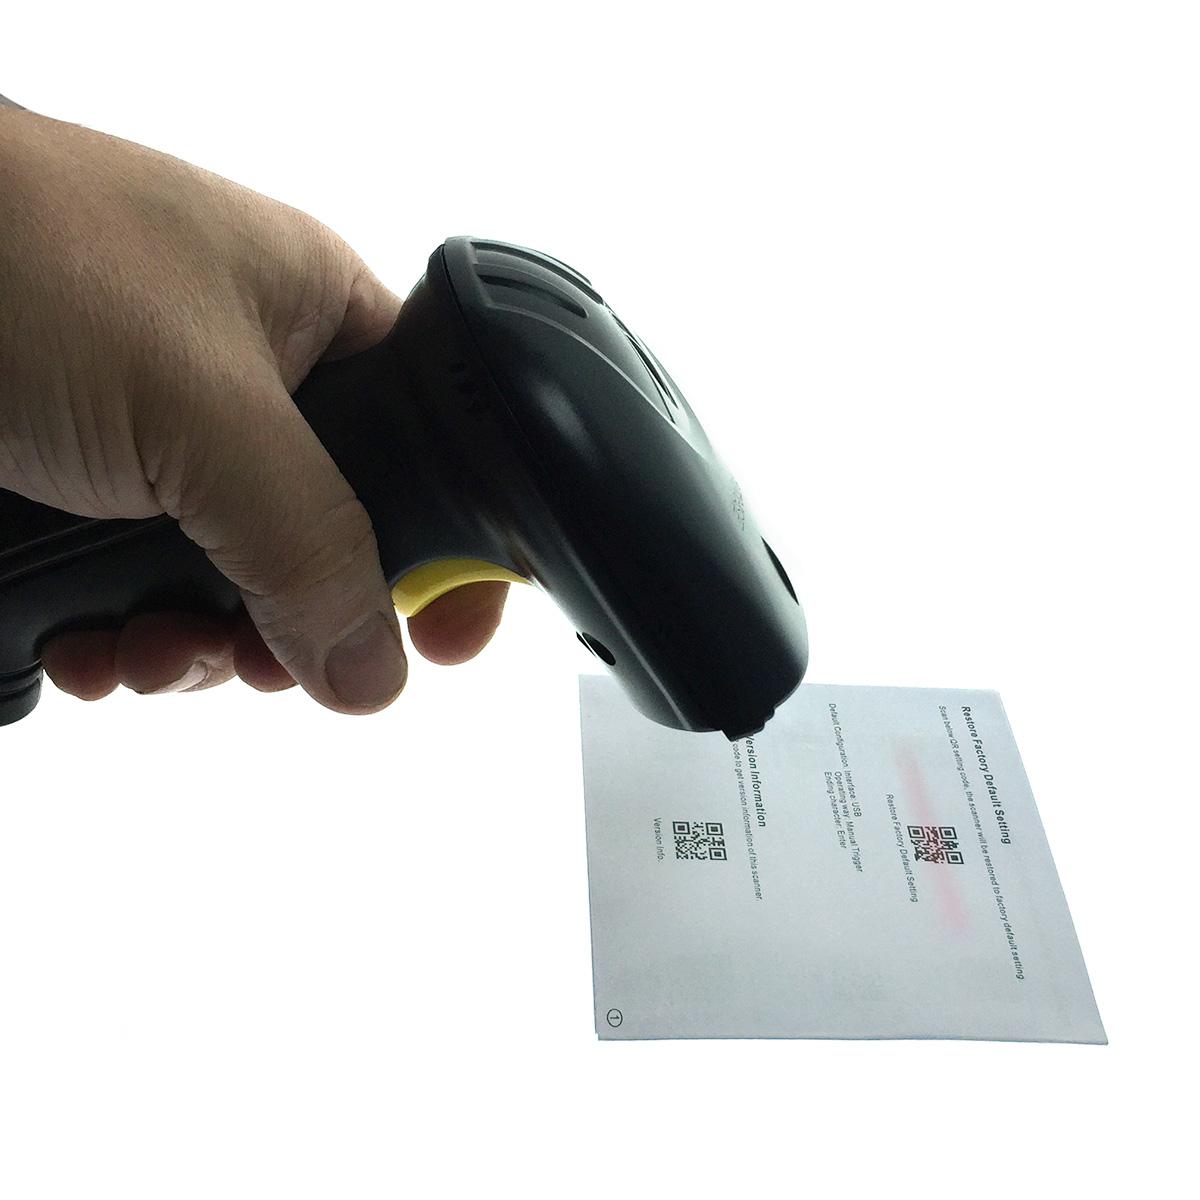 Сканер считывания штрих-кодов Espada X-760 2D проводной, USB